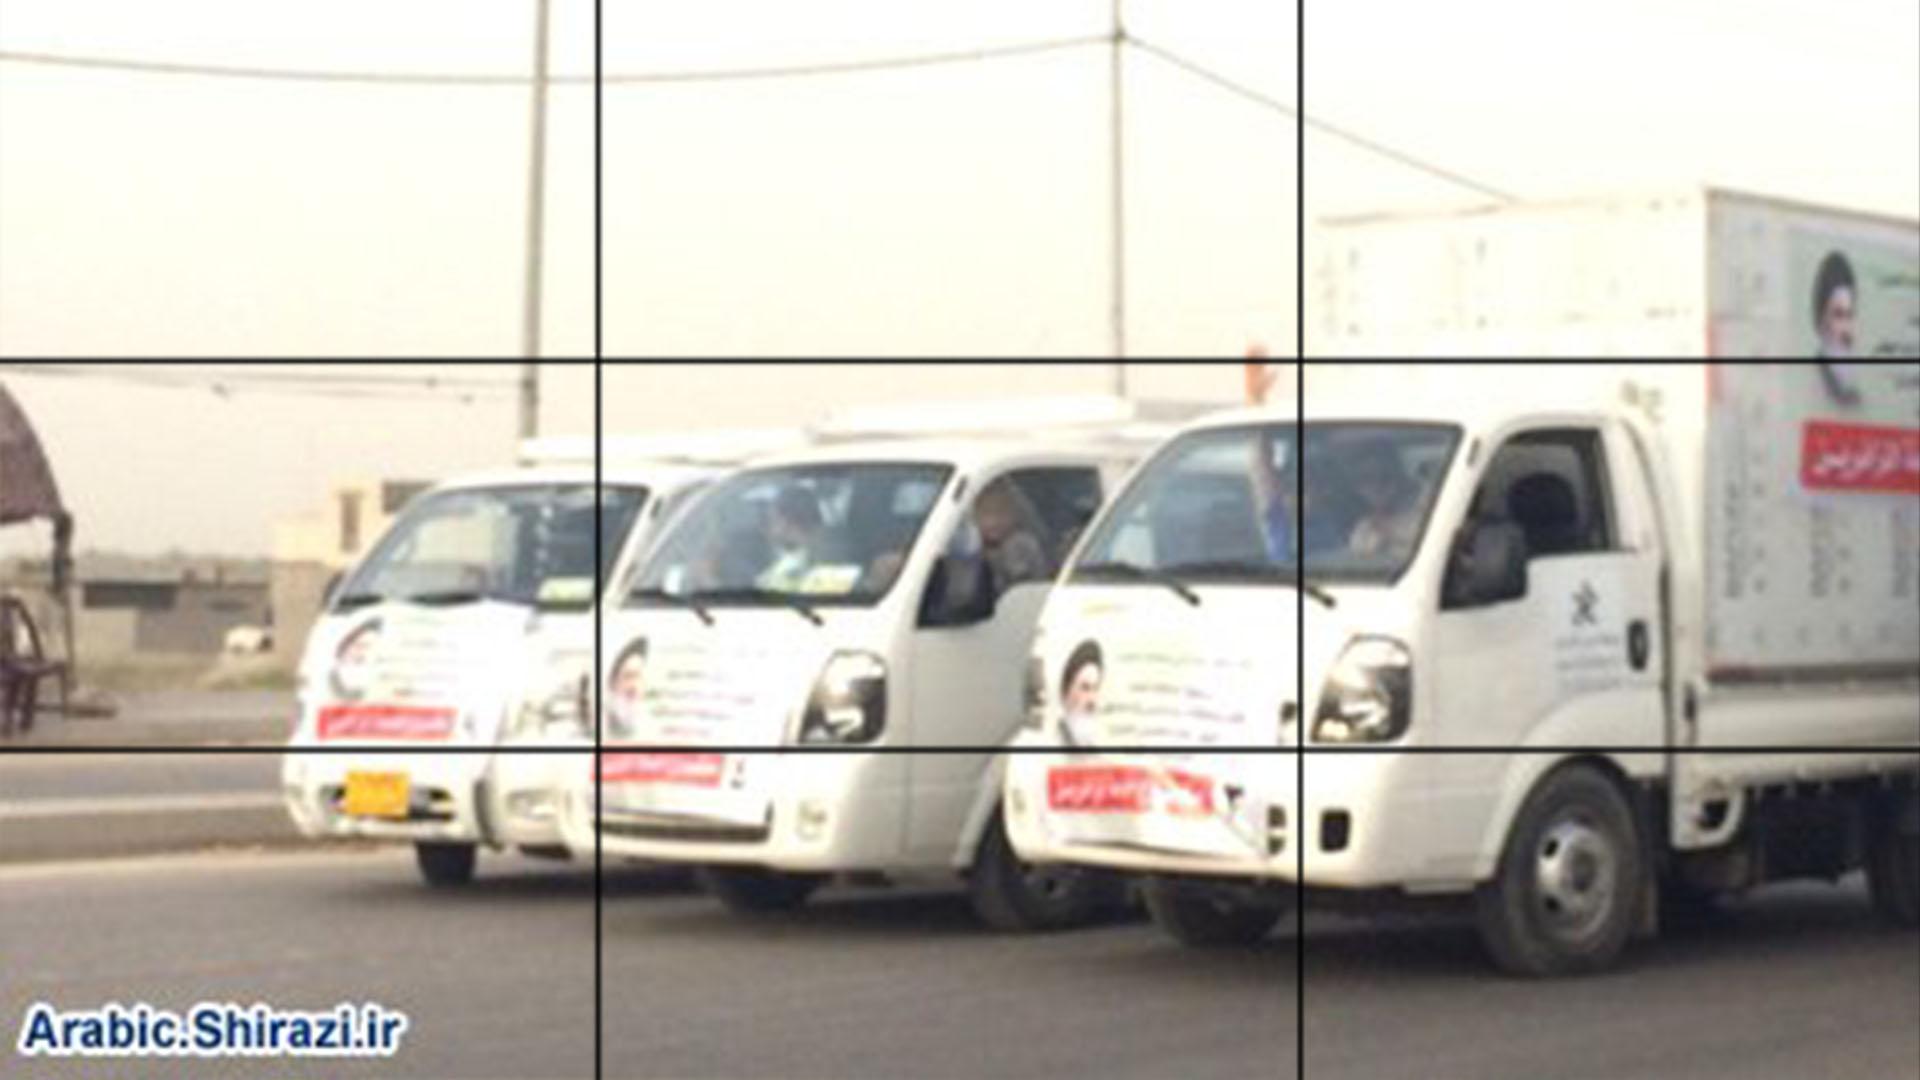 صورة قافلة توزيع الاشربة والاطعمة على المواكب الحسينية